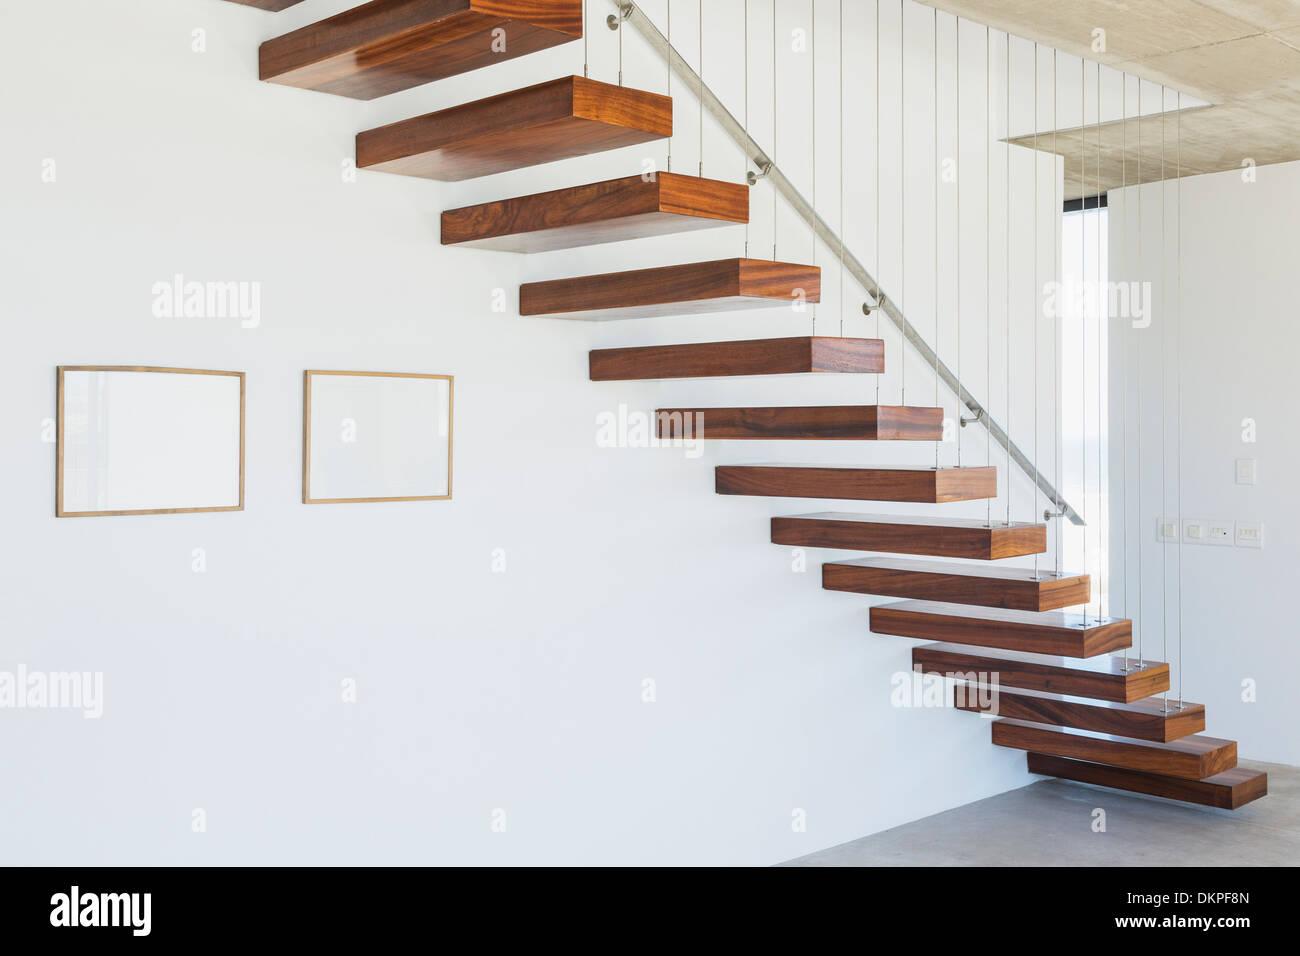 Bezaubernd Schwebende Treppe Beste Wahl In Modernes